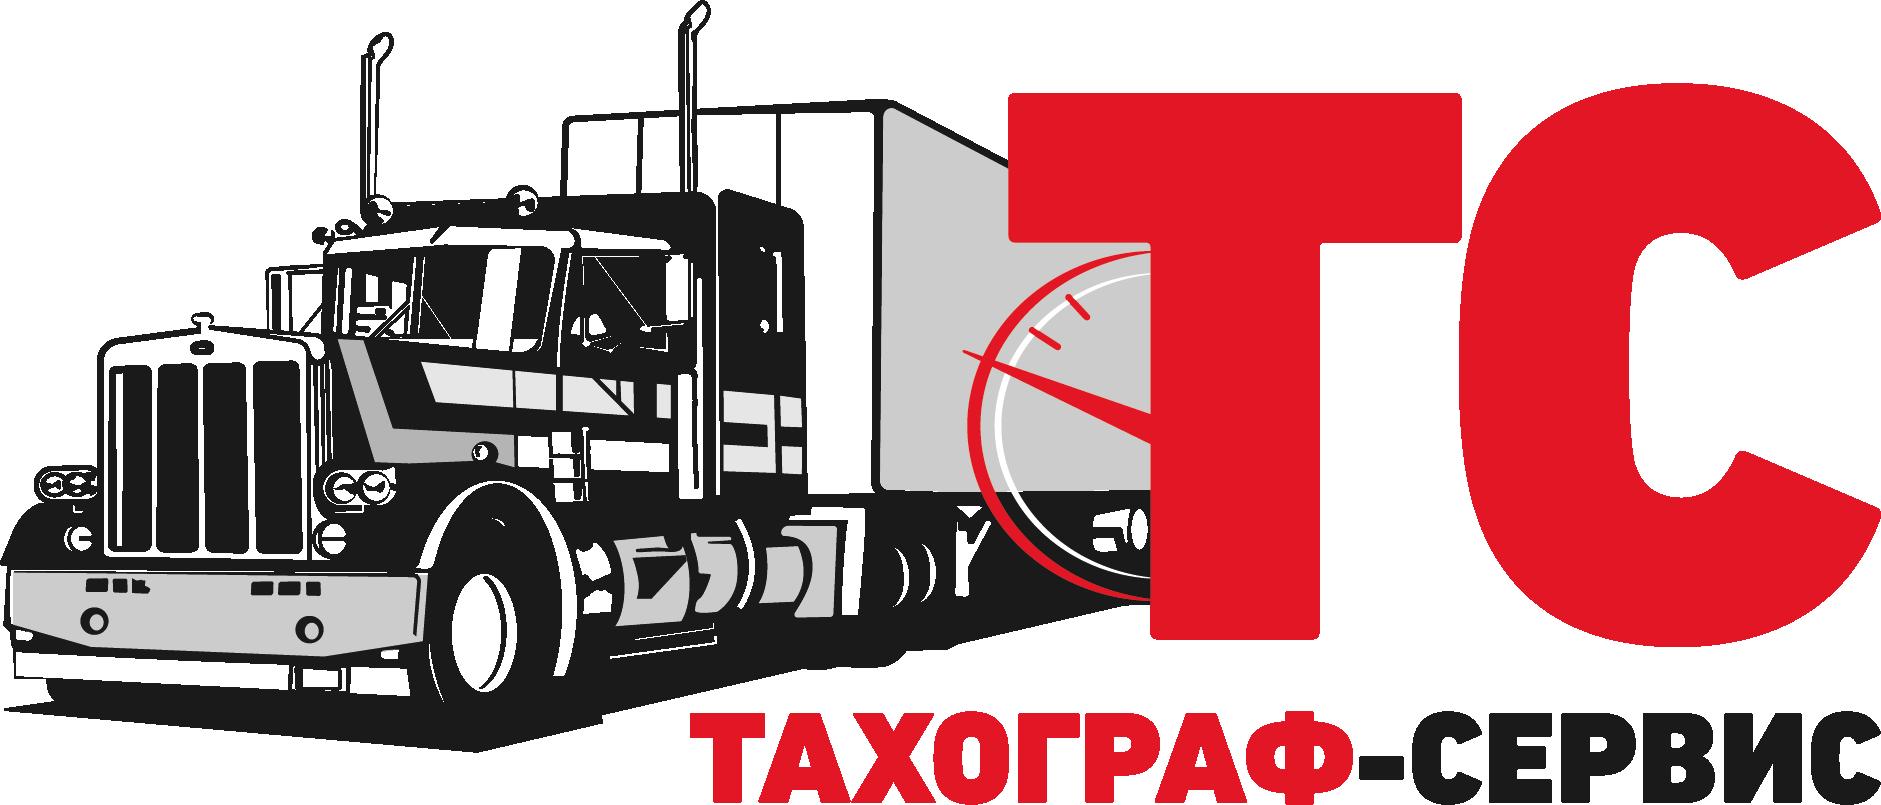 Тахограф-сервис